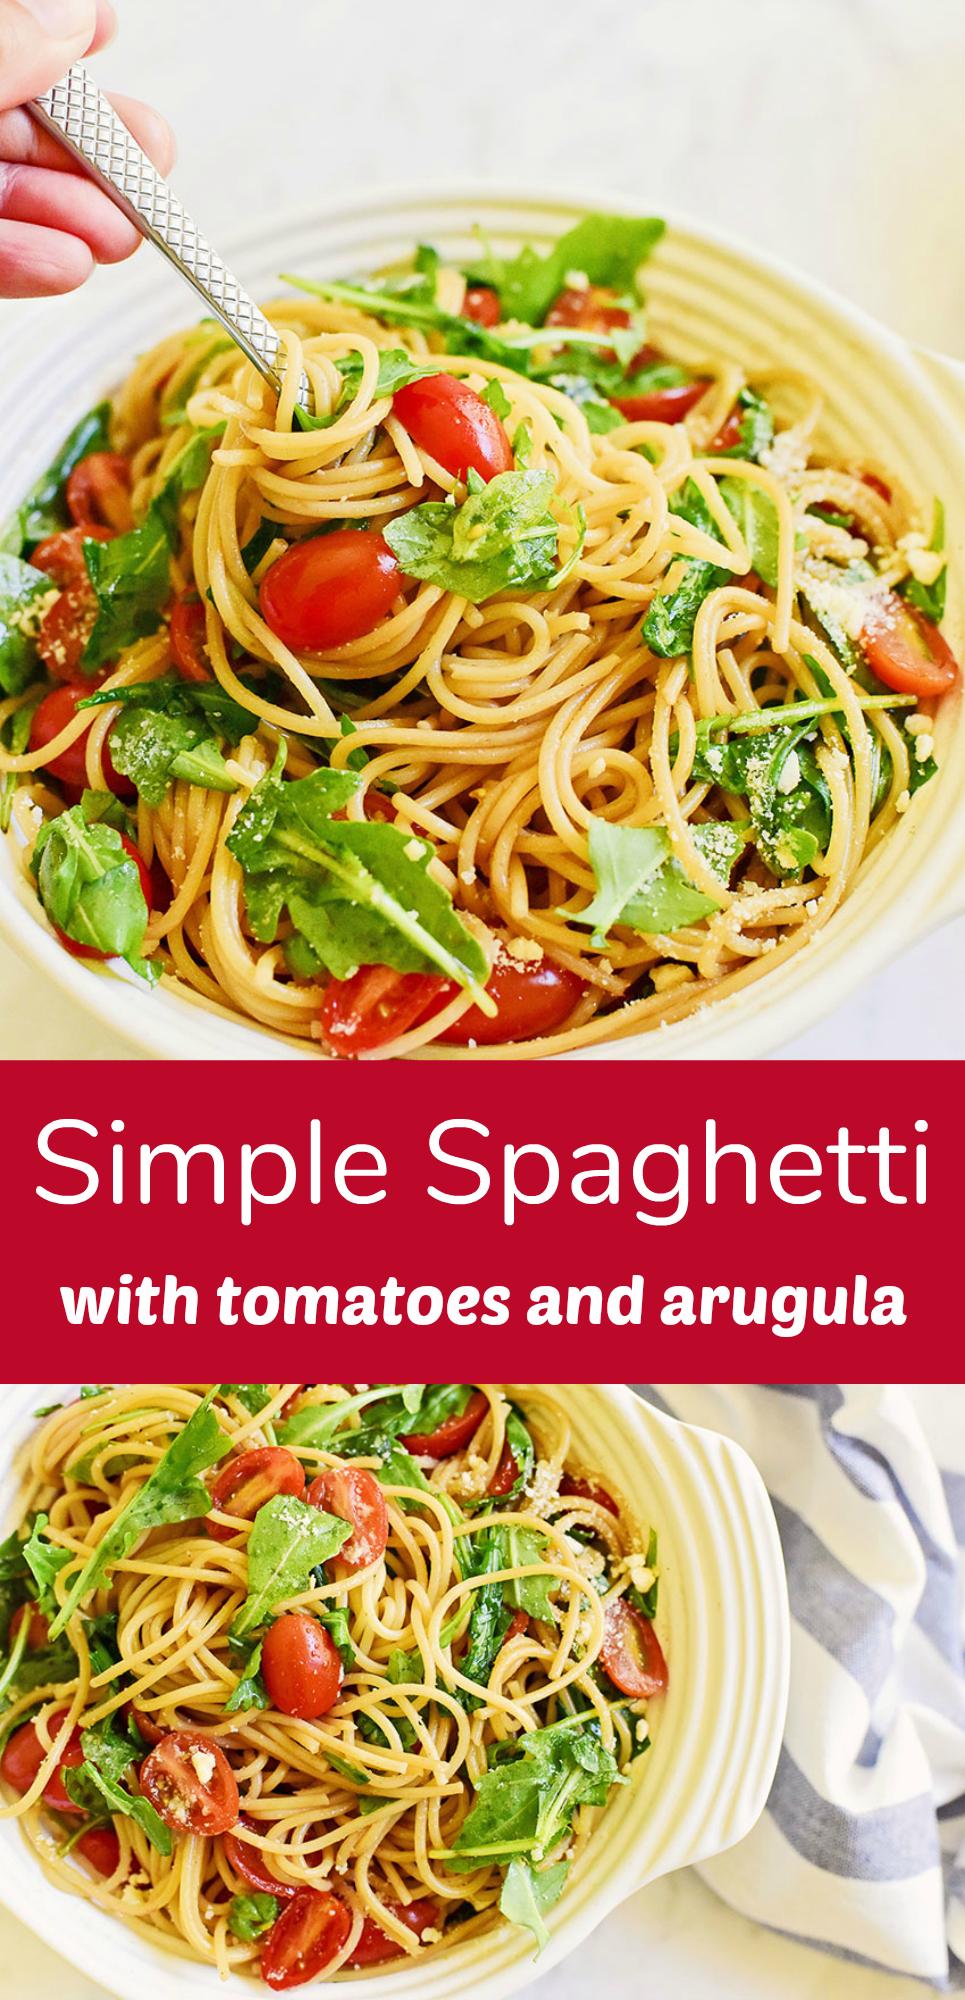 Simple Spaghetti Recipe with Tomatoes and Arugula